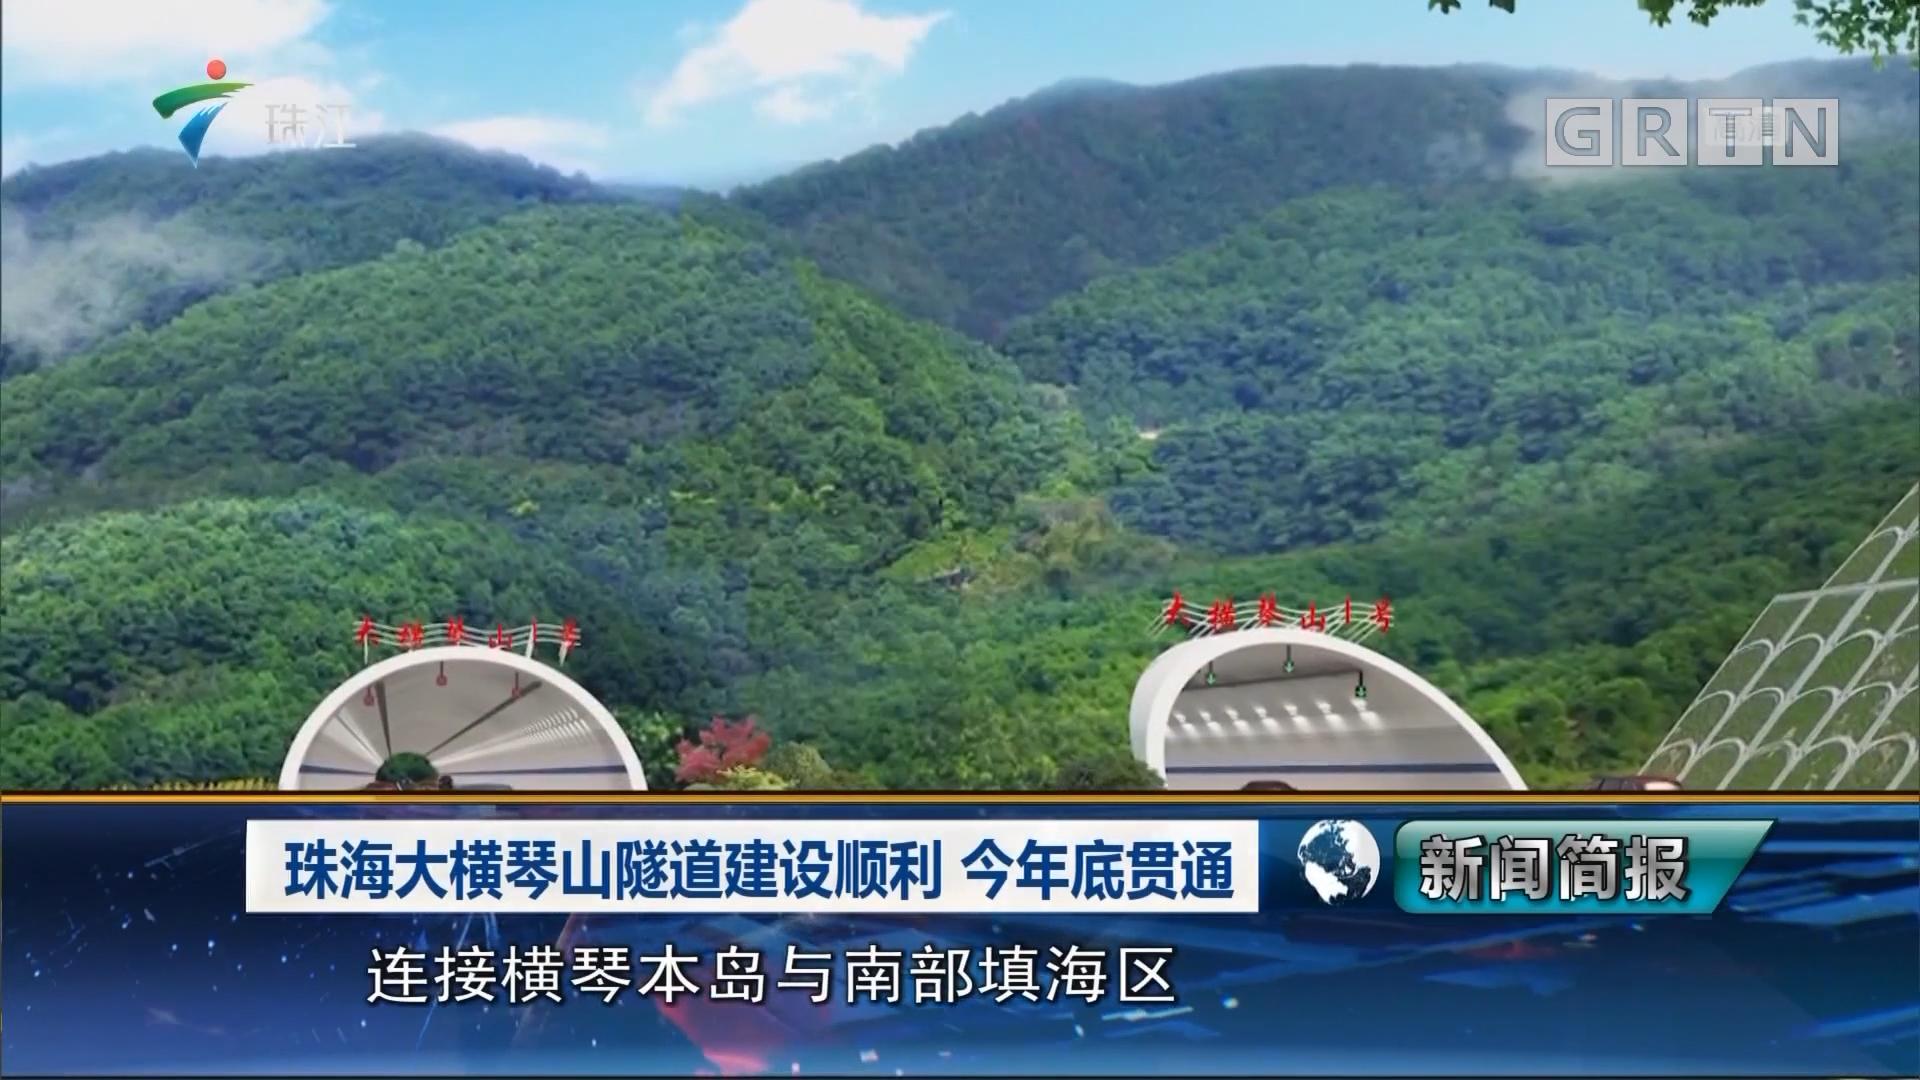 珠海大横琴山隧道建设顺利 今年底贯通